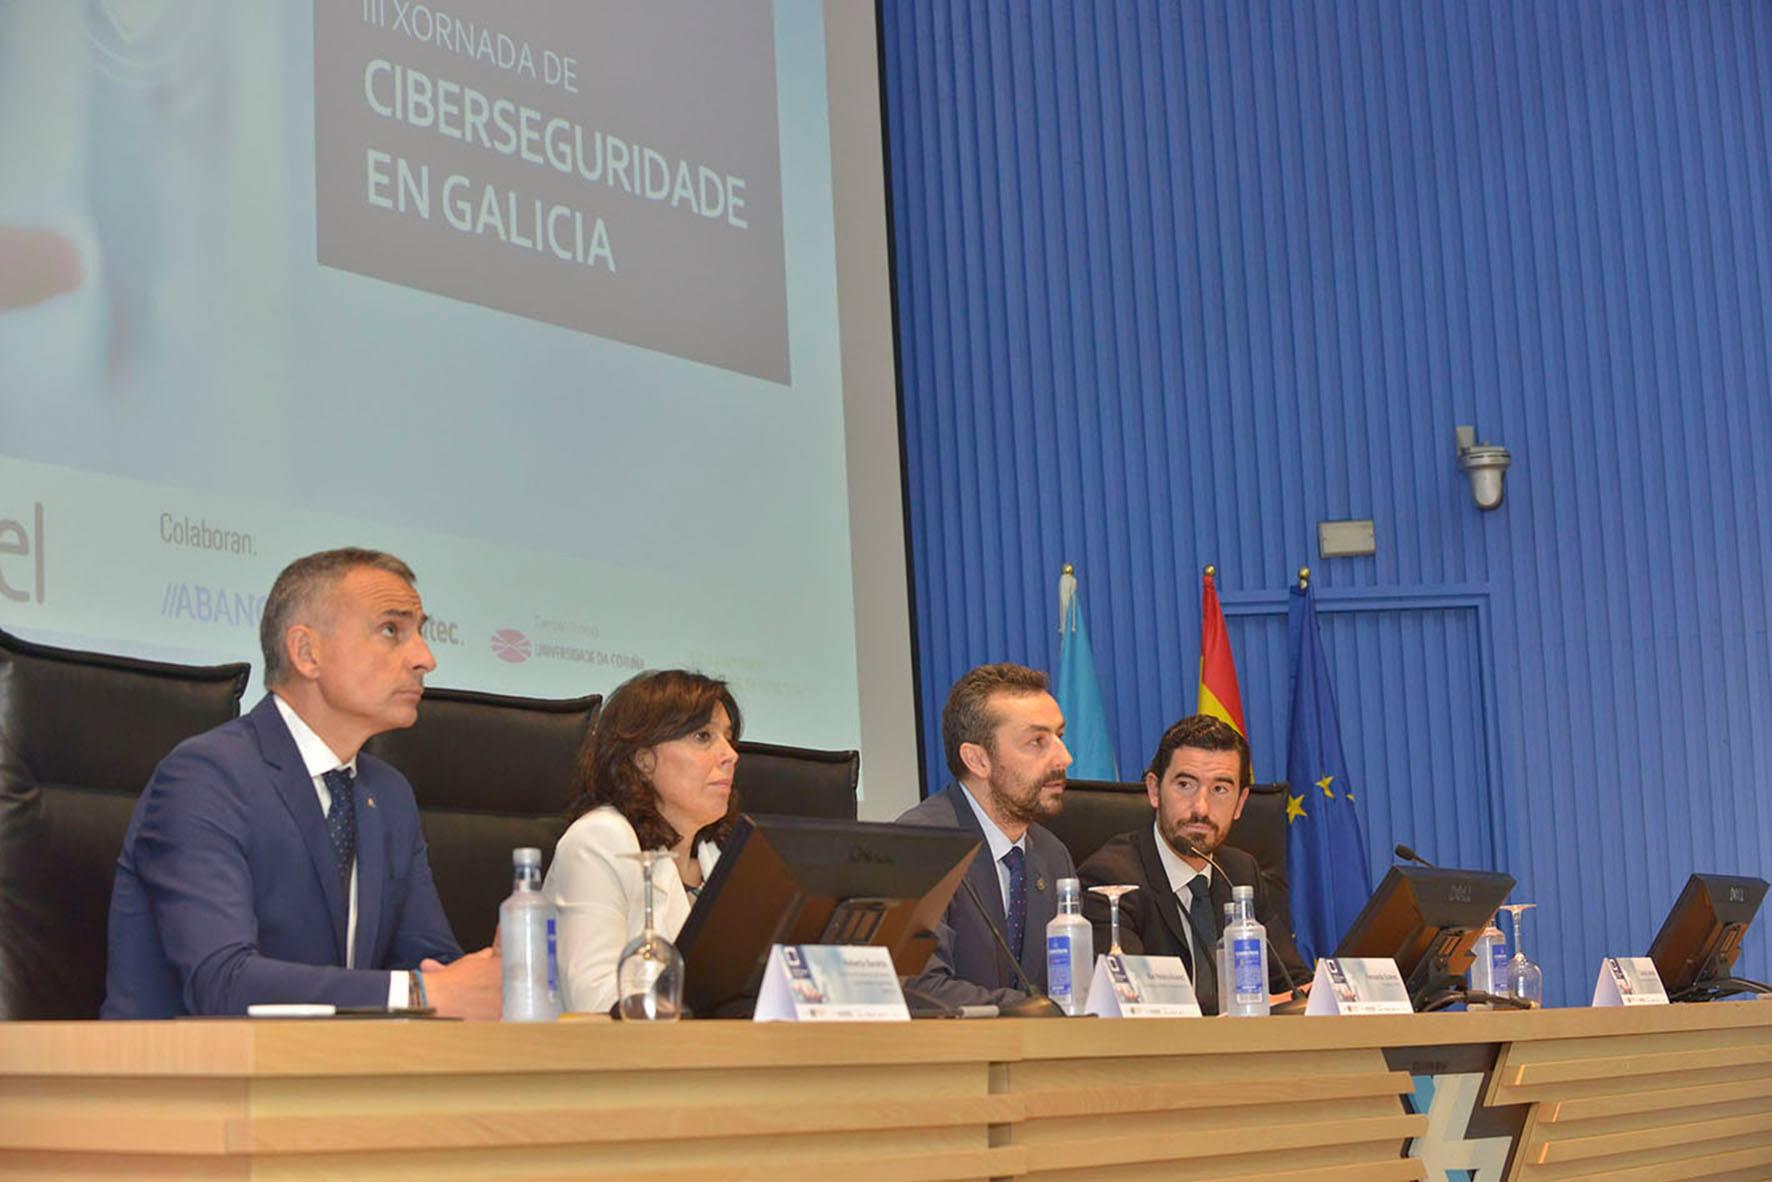 Conclusiones de nuestra participación en la III Jornada de Ciberseguridad de Galicia